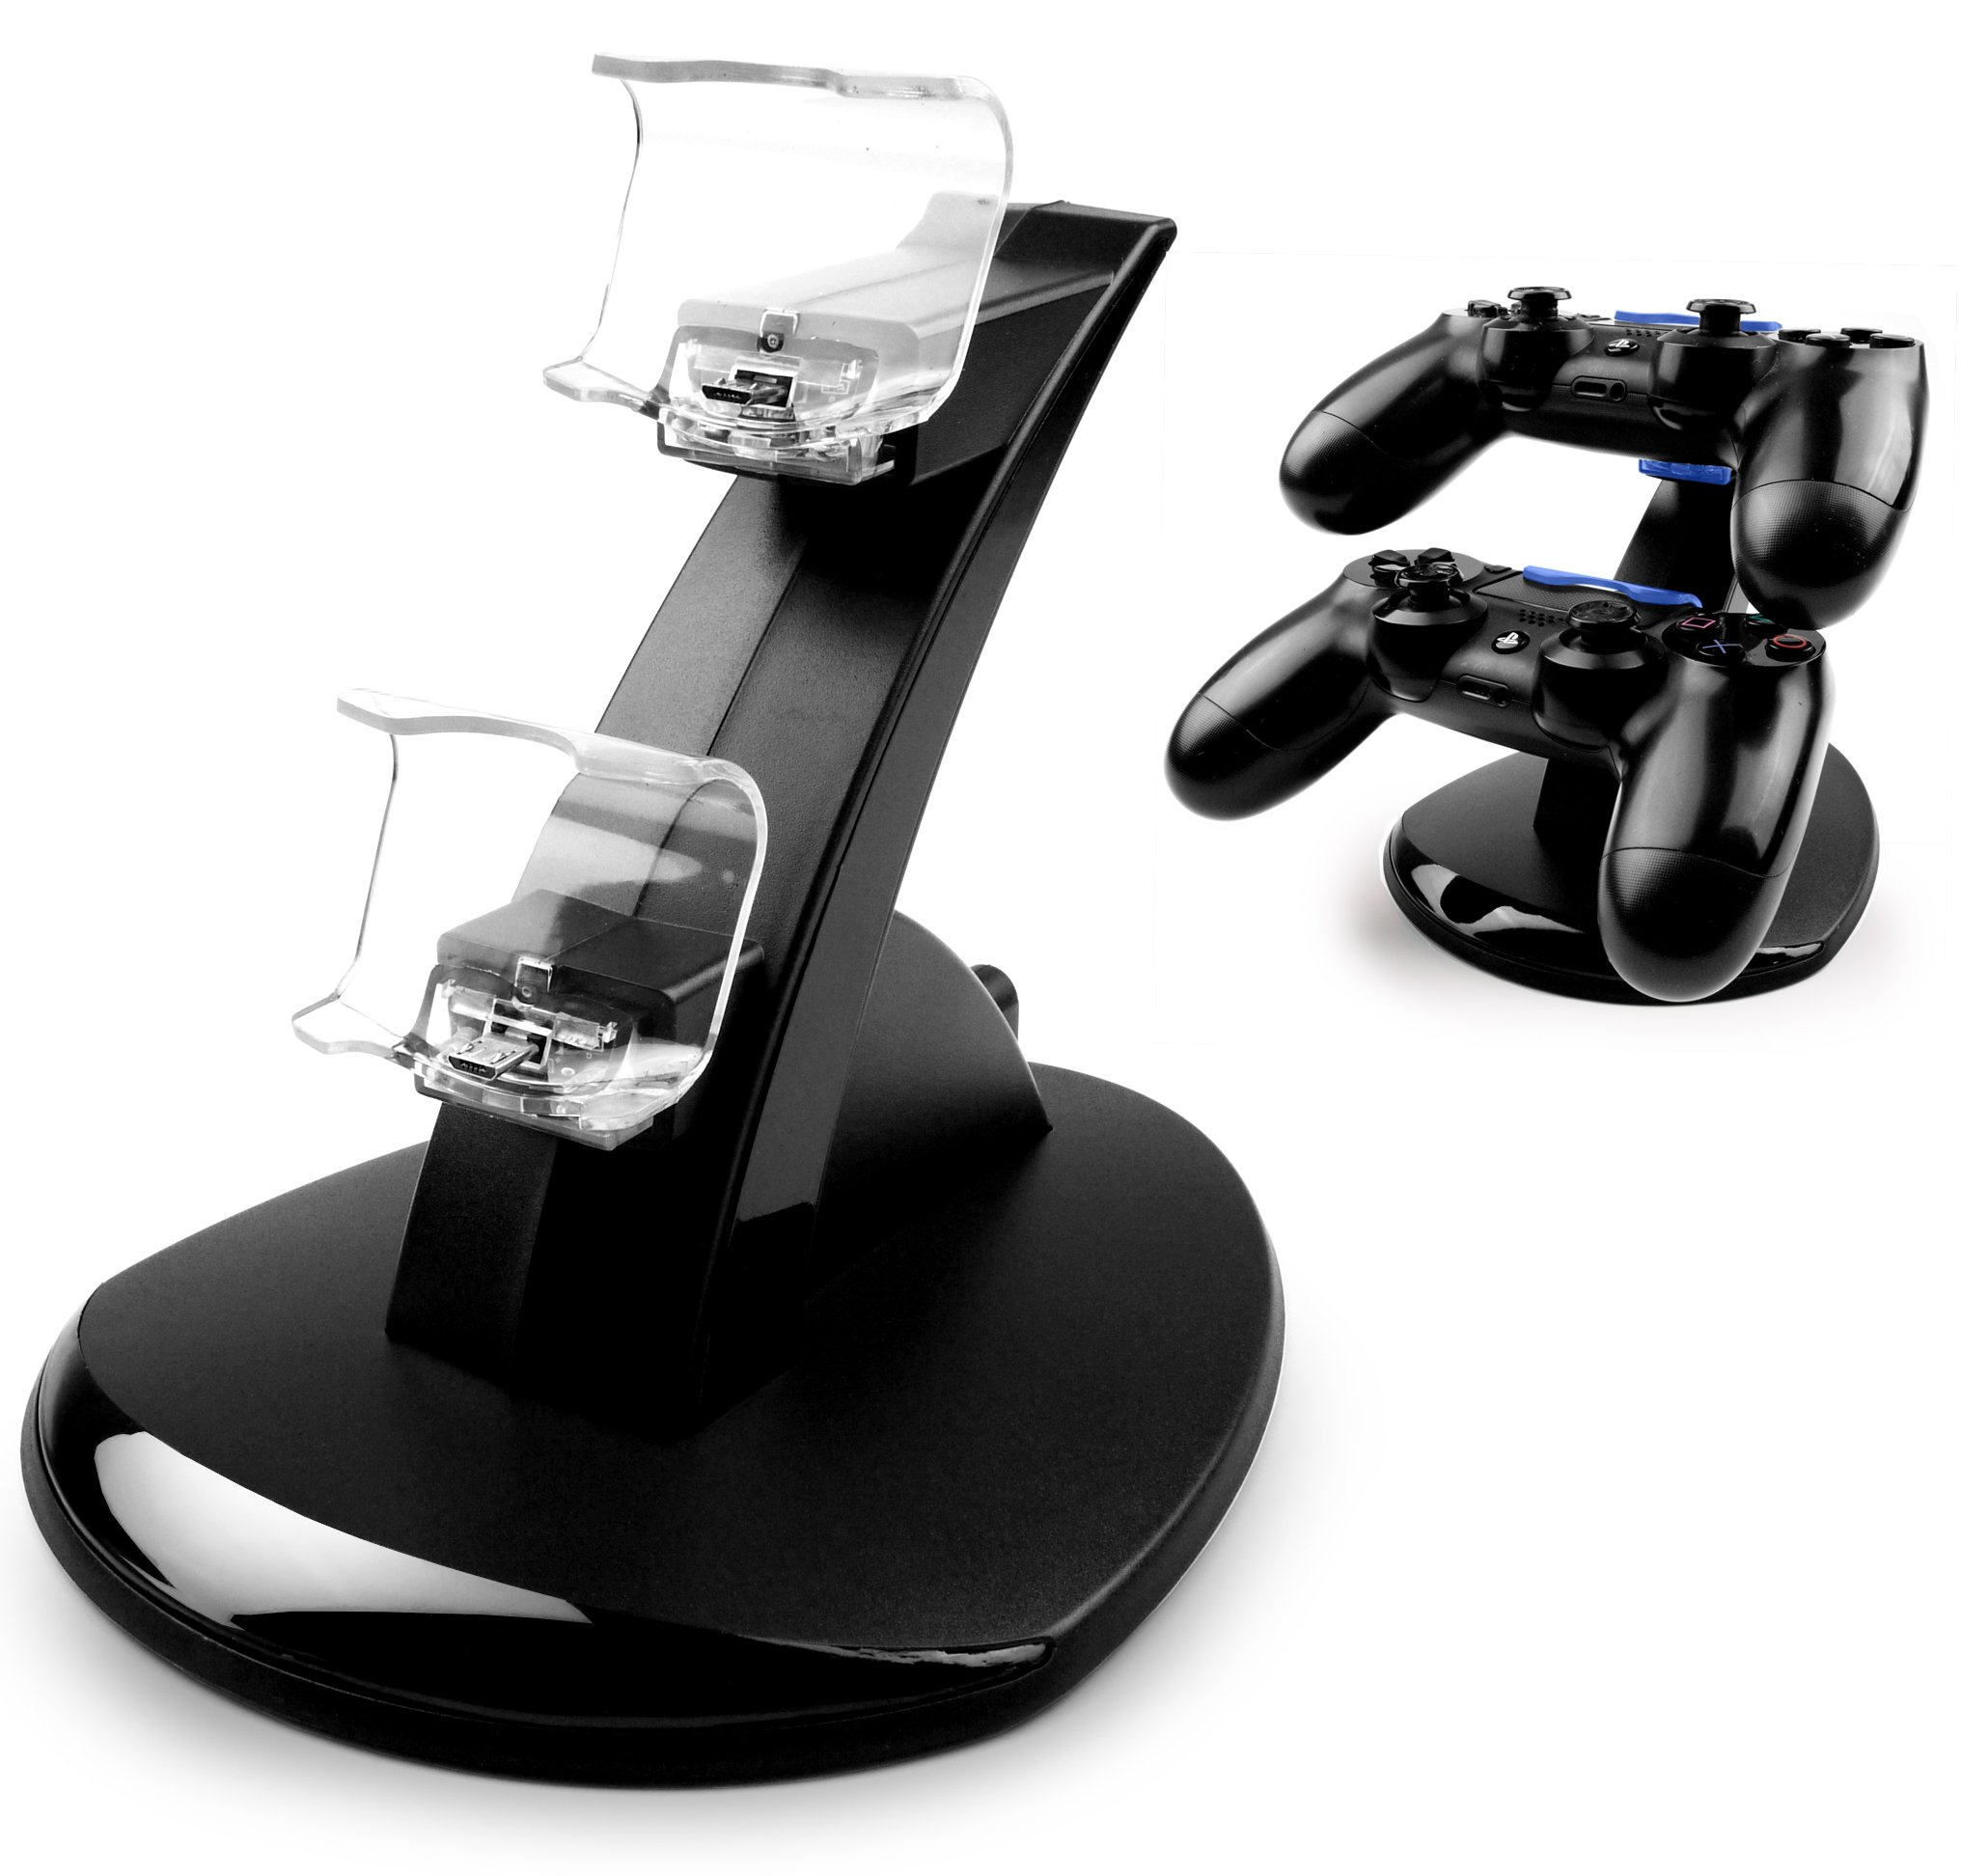 MyGadget PS4 Estación de Carga para 2x Control Sony PlayStation 4 Dualshock - LED Dual Docking station de Cargado y Soporte de Mandos Estándar: Amazon.es: Electrónica